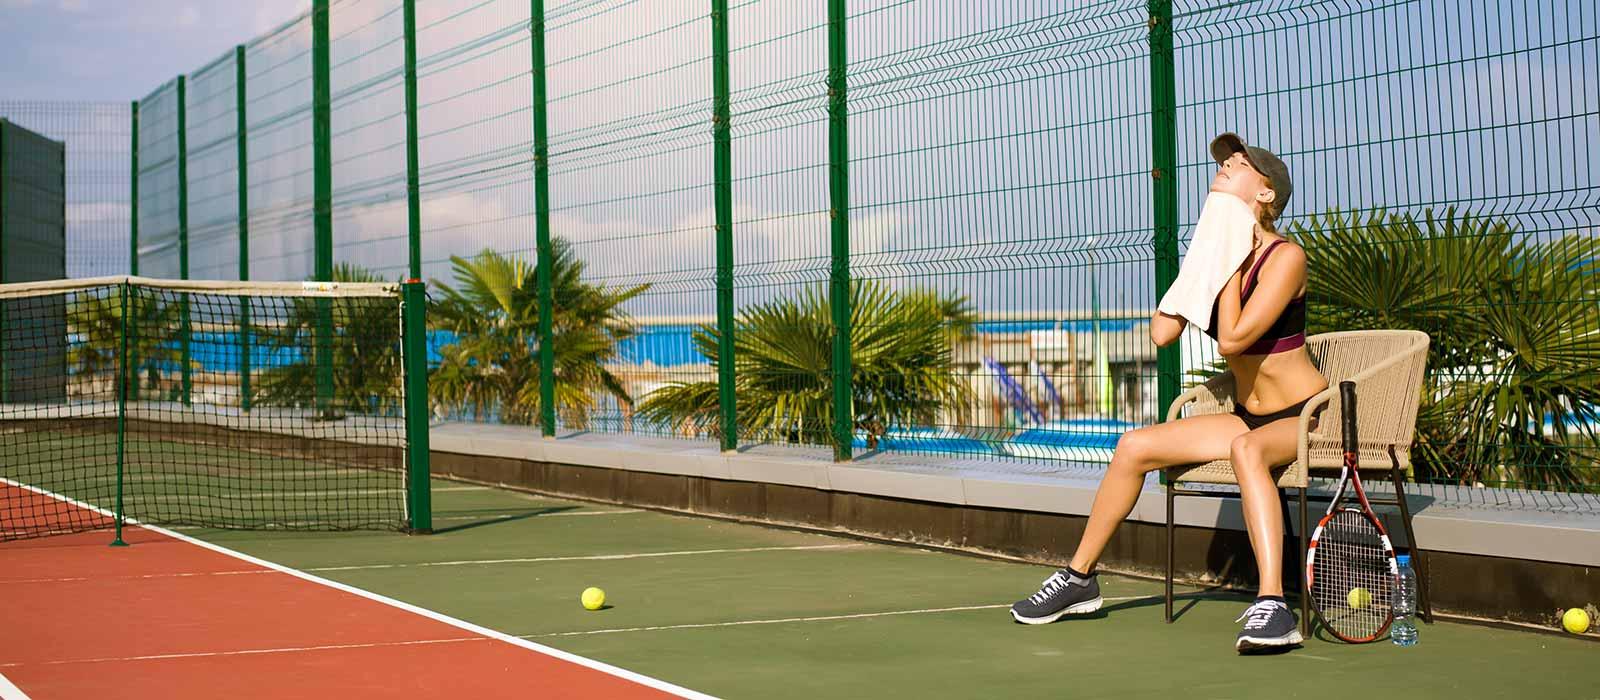 Tennis towel